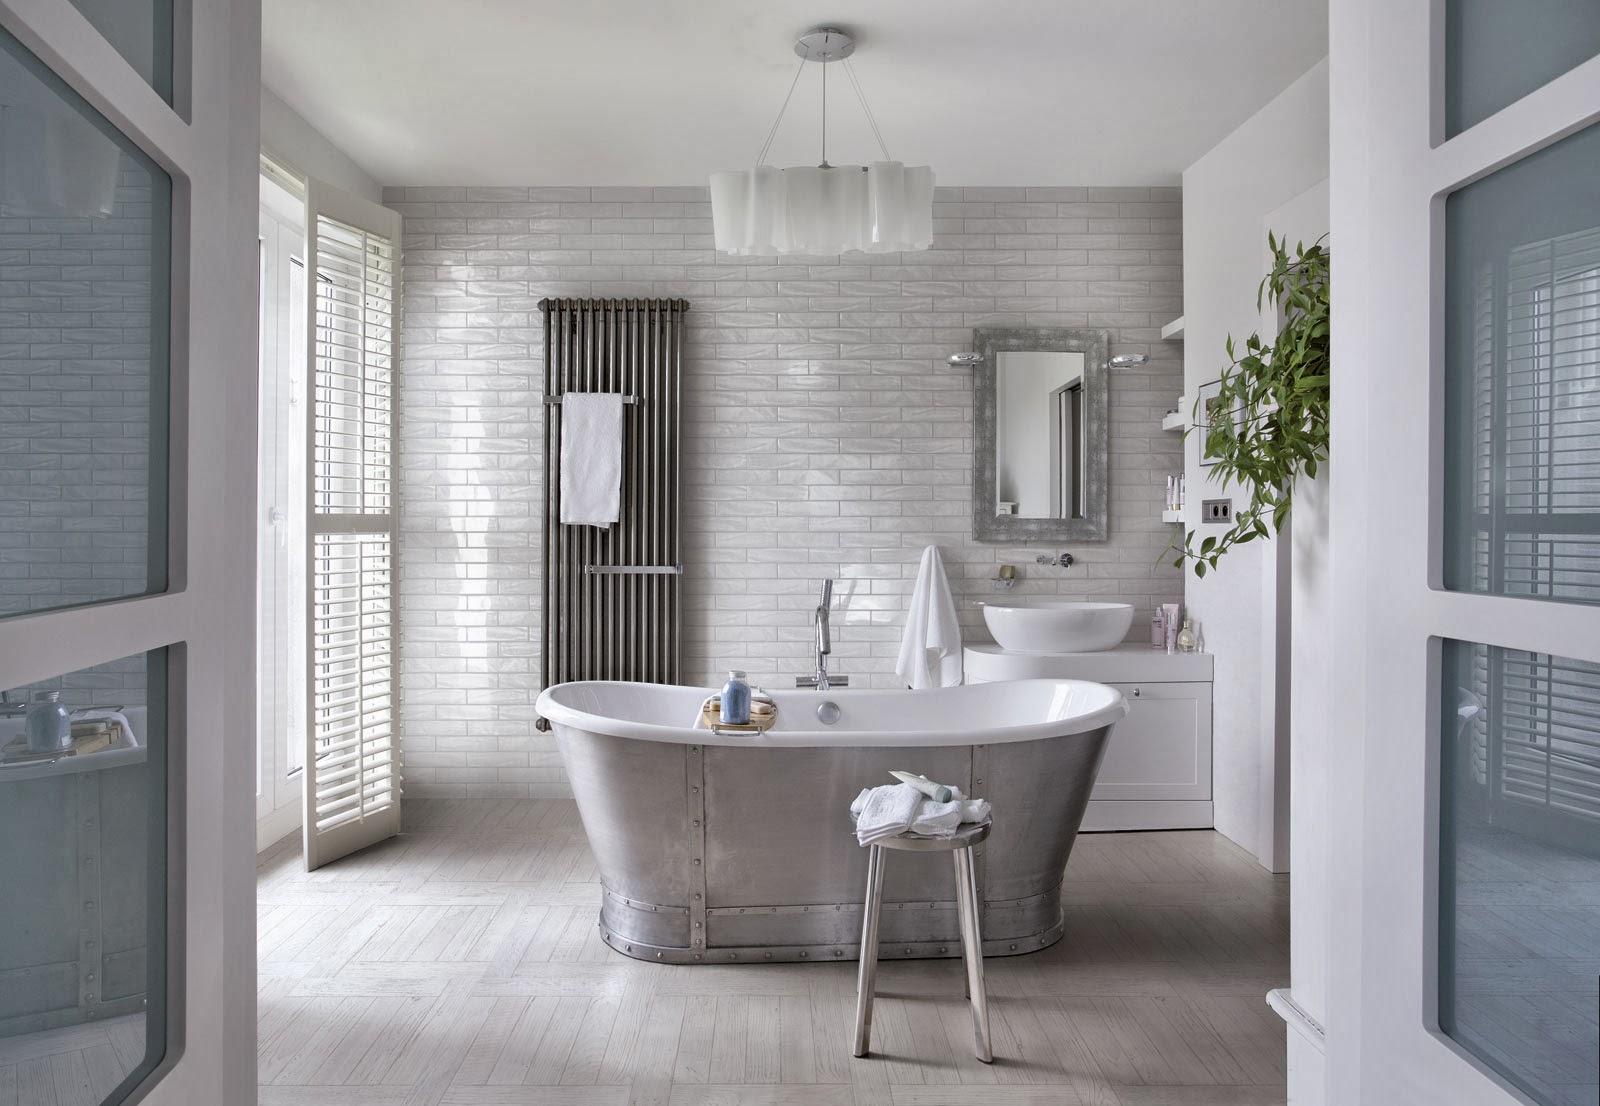 Ma s lection de salles de bains aubade my gardening tales - Aubade carrelage salle de bain ...